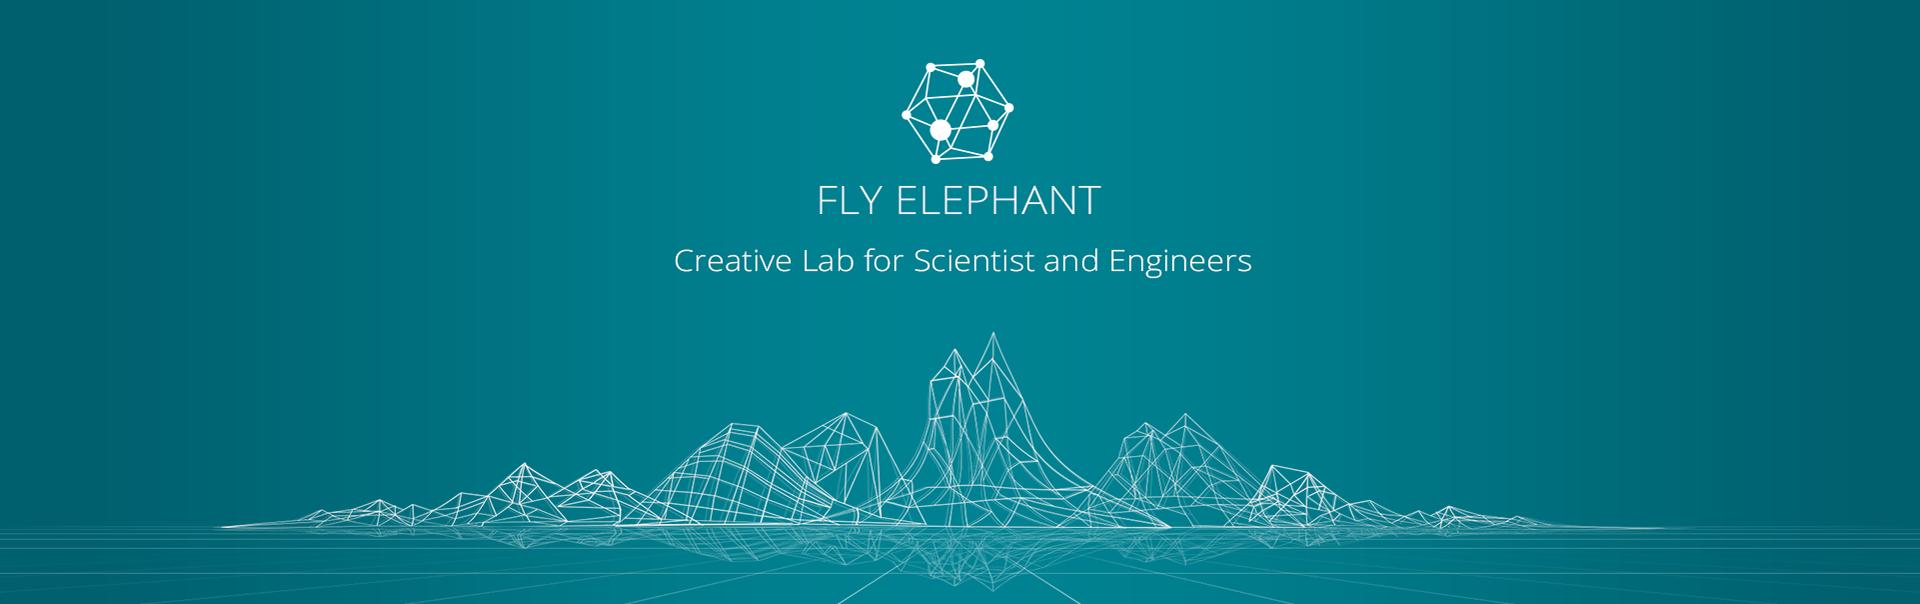 FlyElephant – креативная лаборатория для научных сотрудников и инженеров. Часть 1. История создания